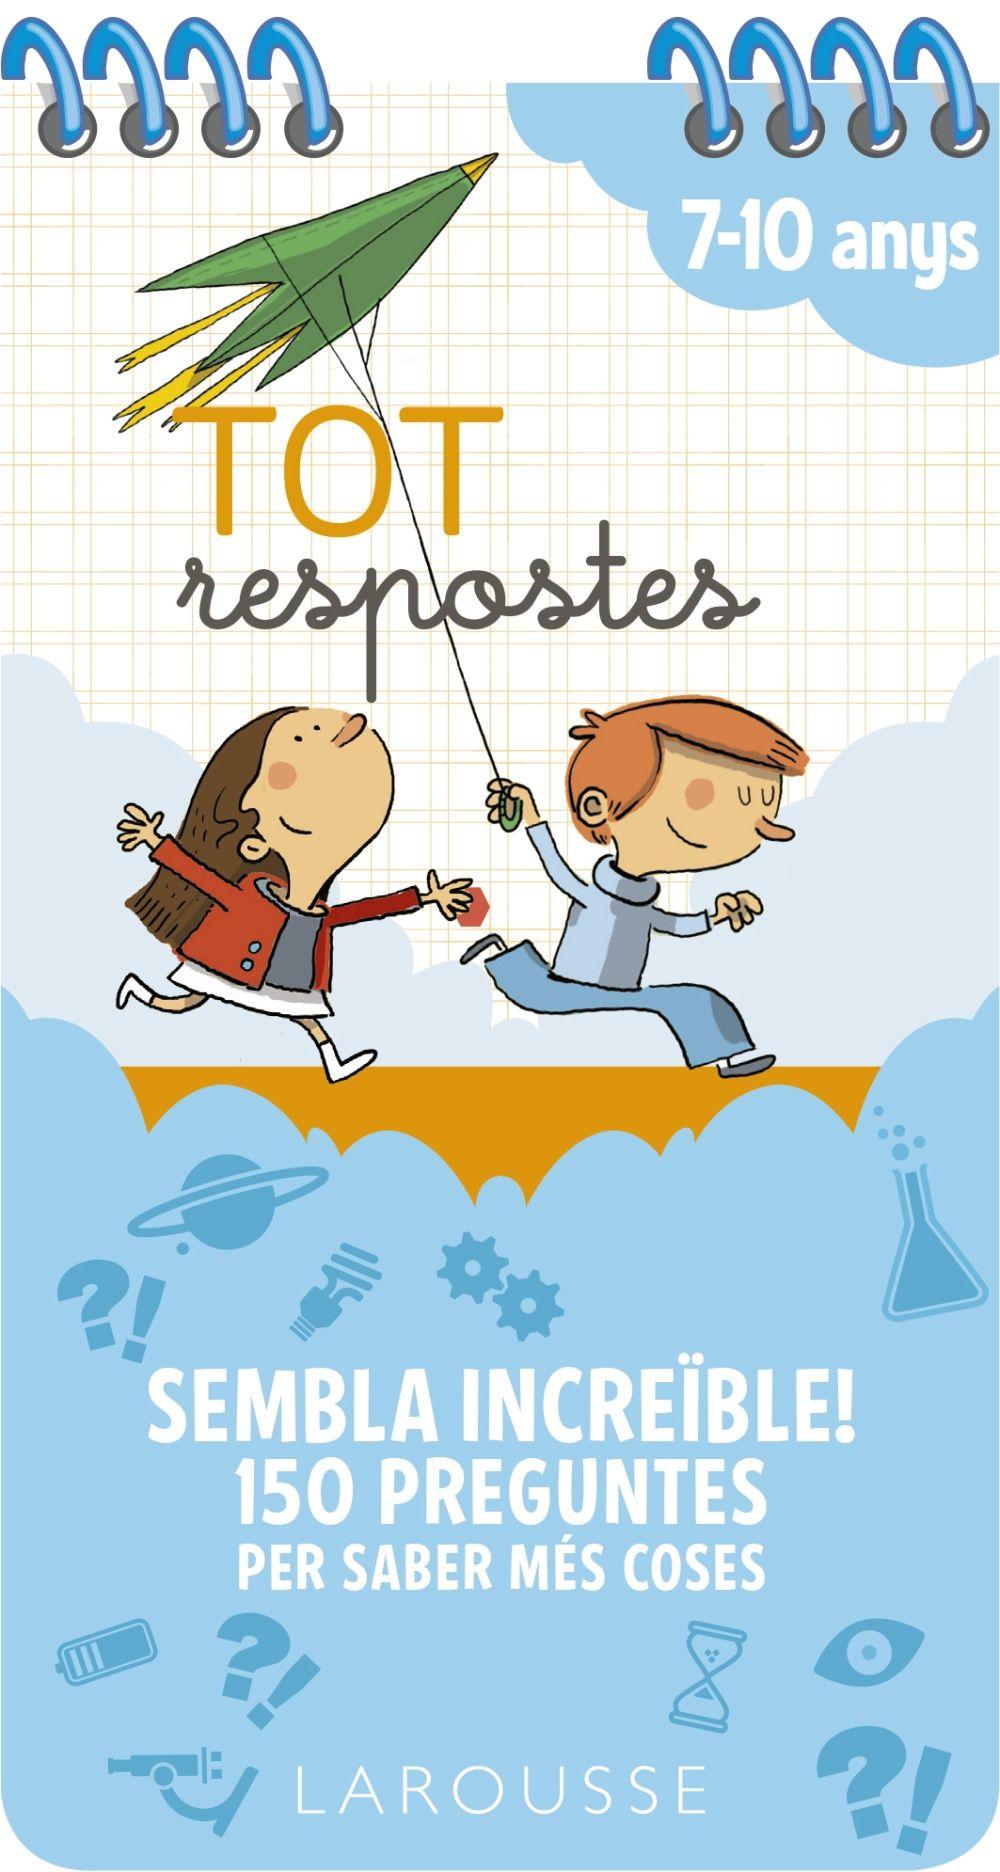 TOT RESPOSTES SEMBLA INCREIBLE 150 PREGUNTES 7 10 ANYS